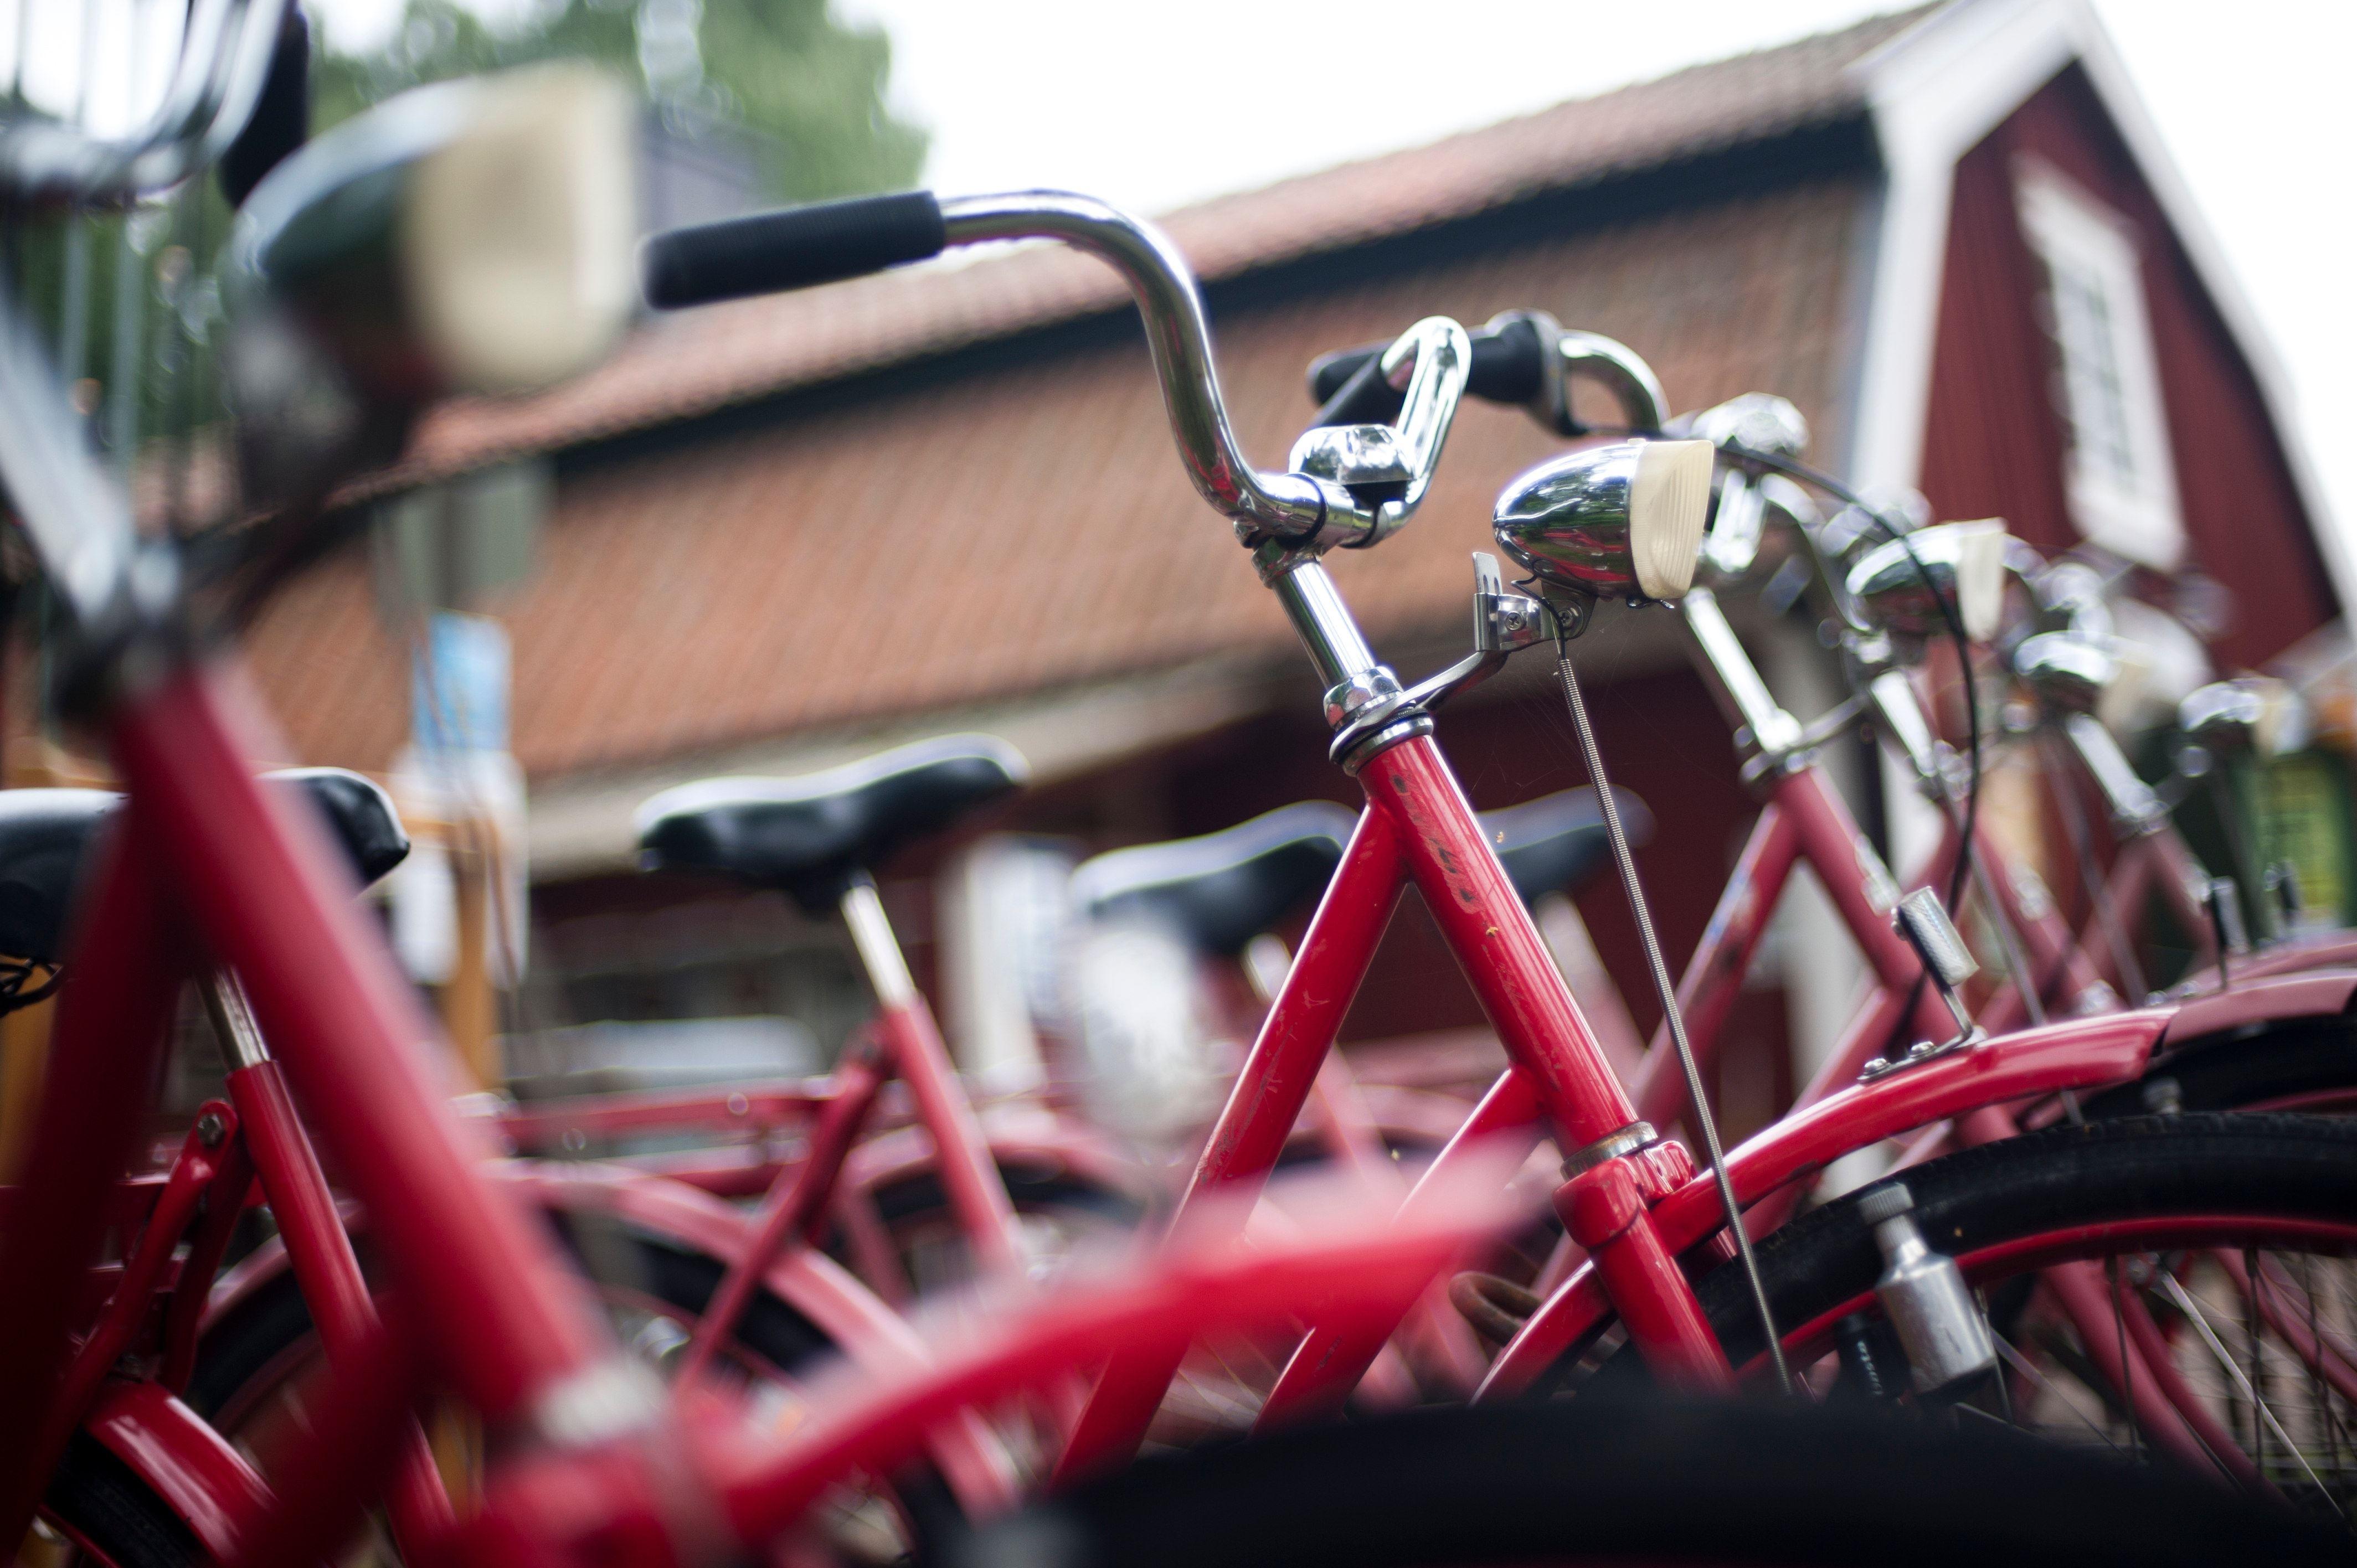 Alexander Mahmoud,  © Tingsryd Kommun, Fahrradvermietung Bergsvägen B&B, Rent a Bike